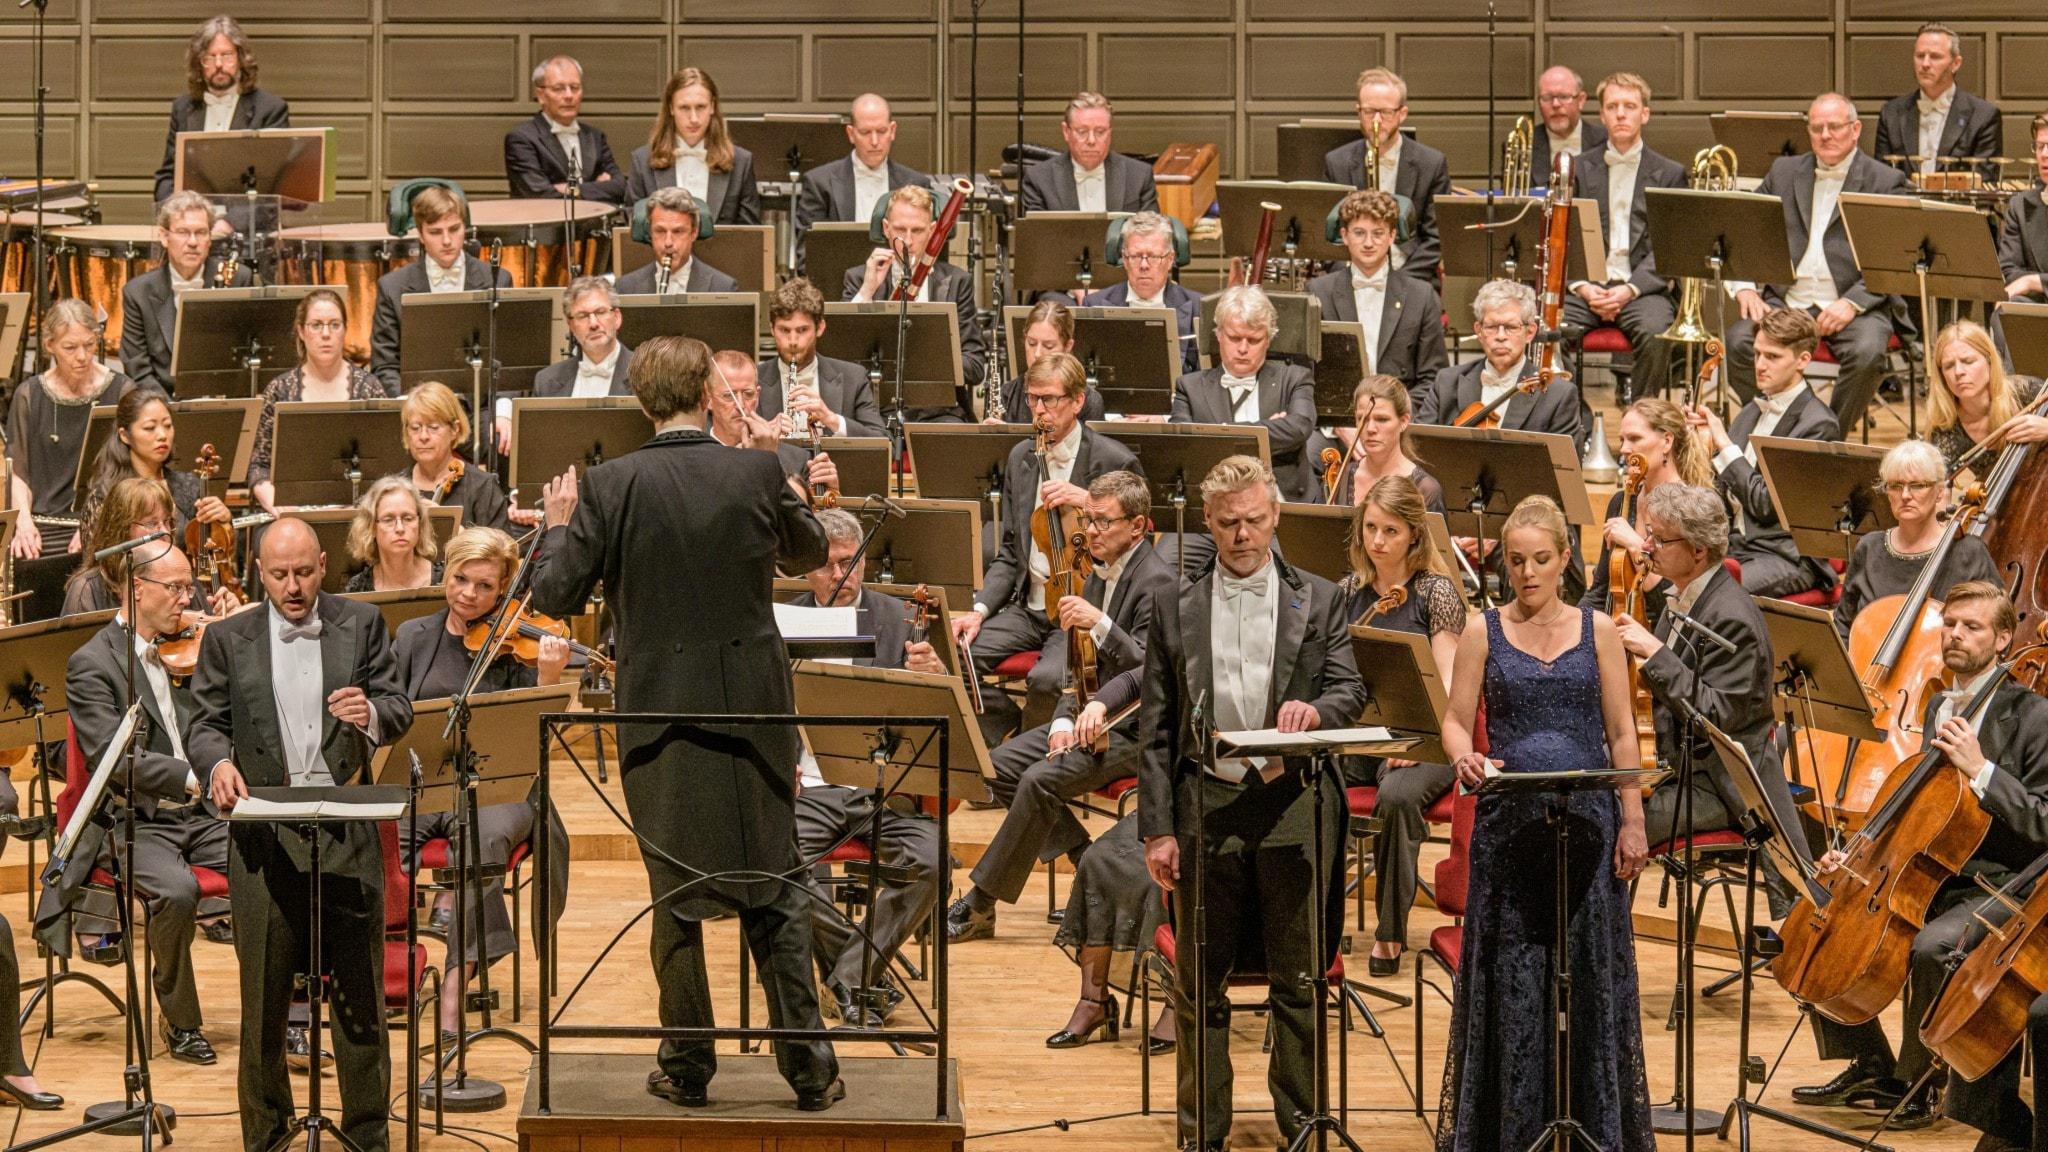 KONSERT: Kungliga filharmonikerna uruppför Daniel Börtz